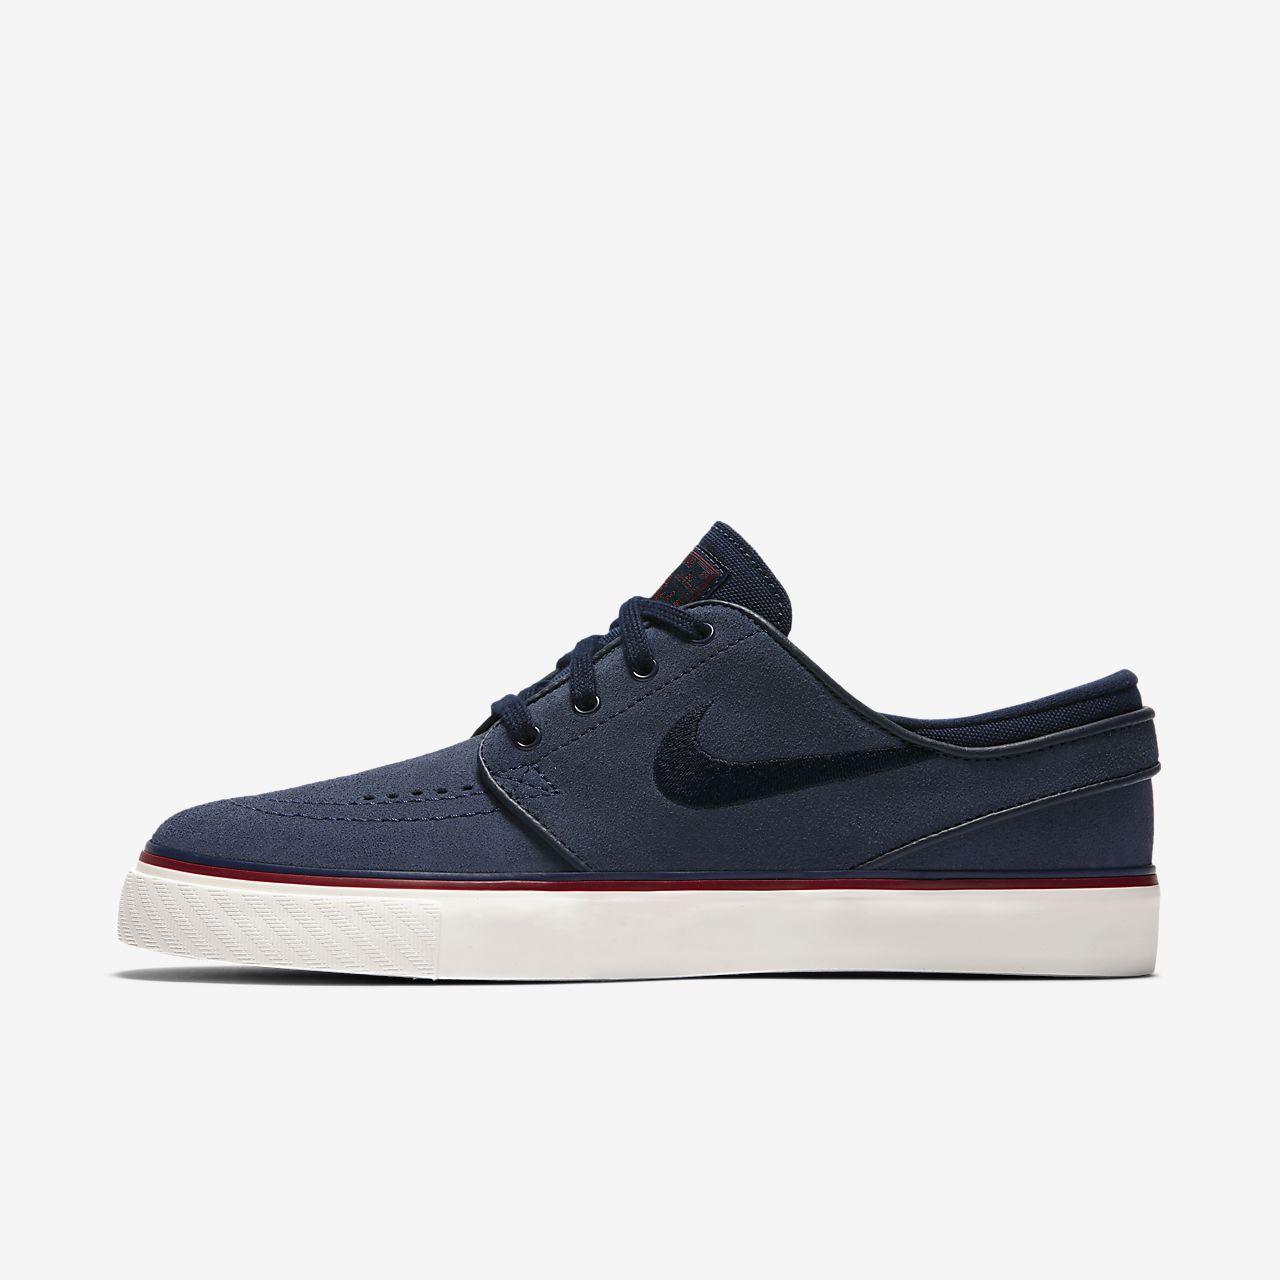 ... Nike Zoom Stefan Janoski Women's Skateboarding Shoe